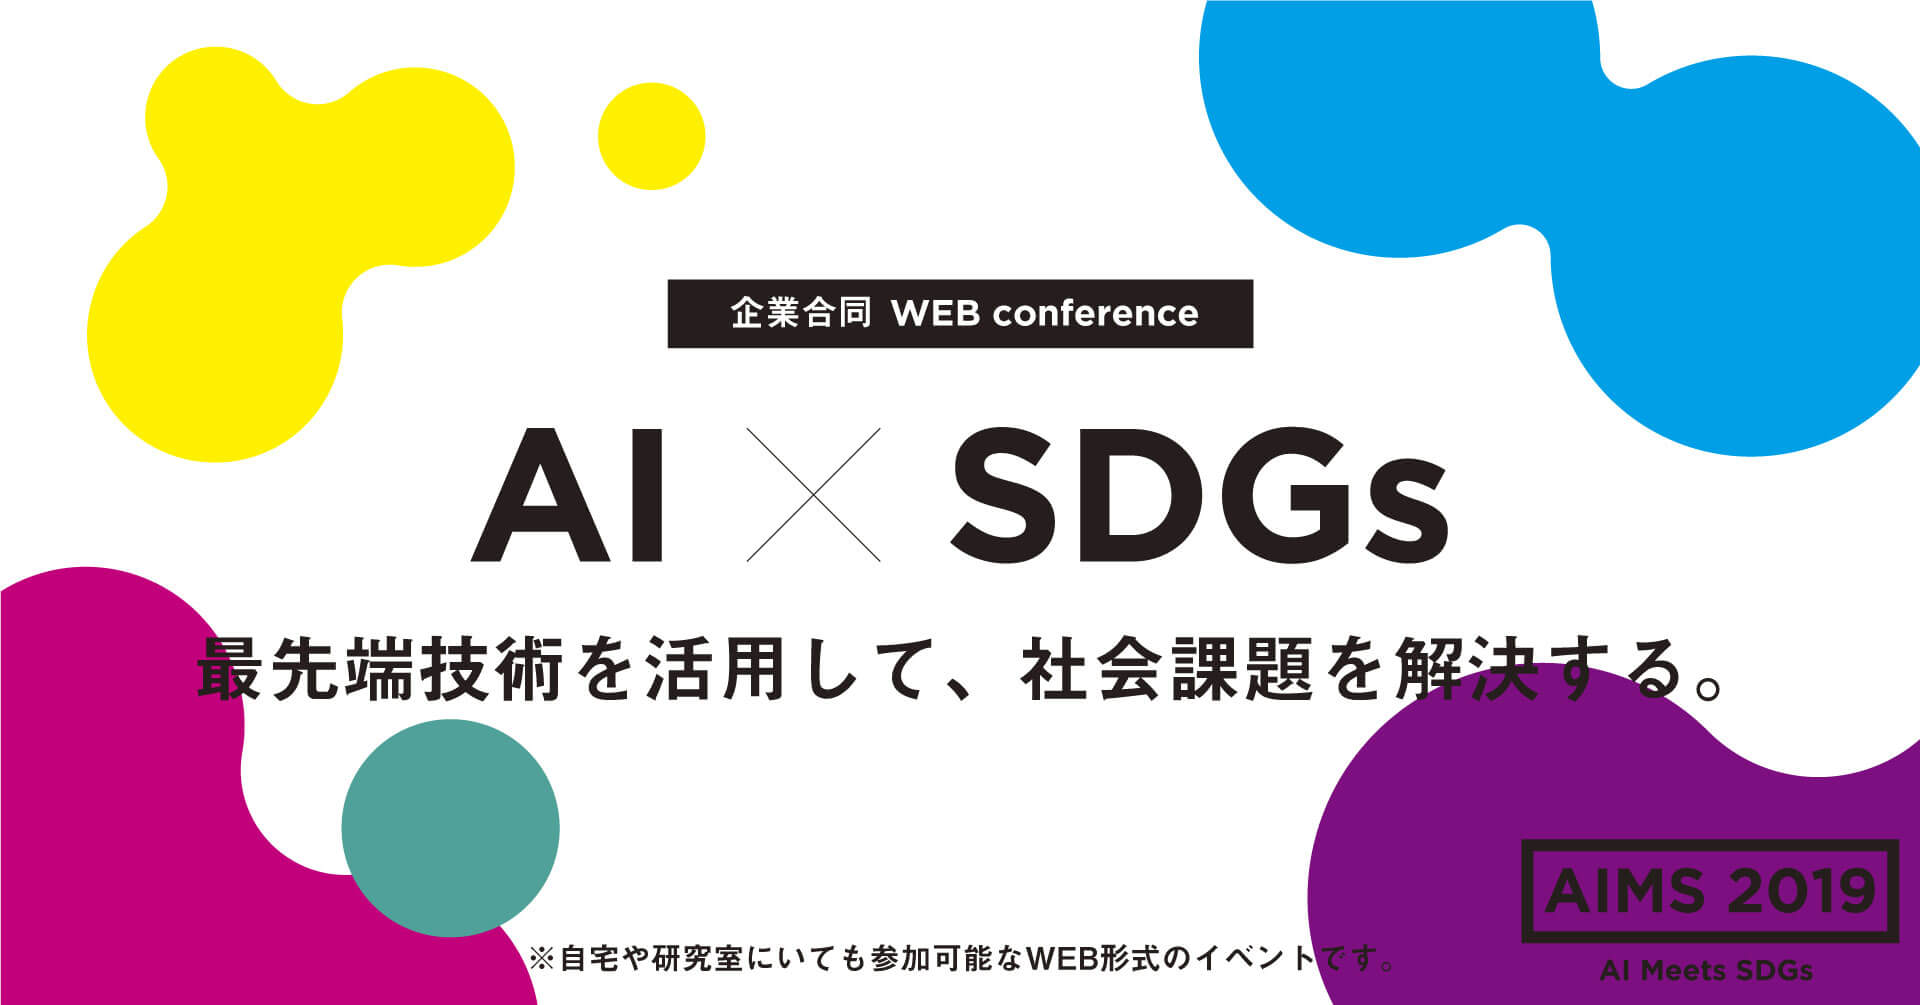 企業合同WEBカンファレンス AIMS2019 -AI meets SDGs-  「先端技術を活用して、社会課題を解決する」